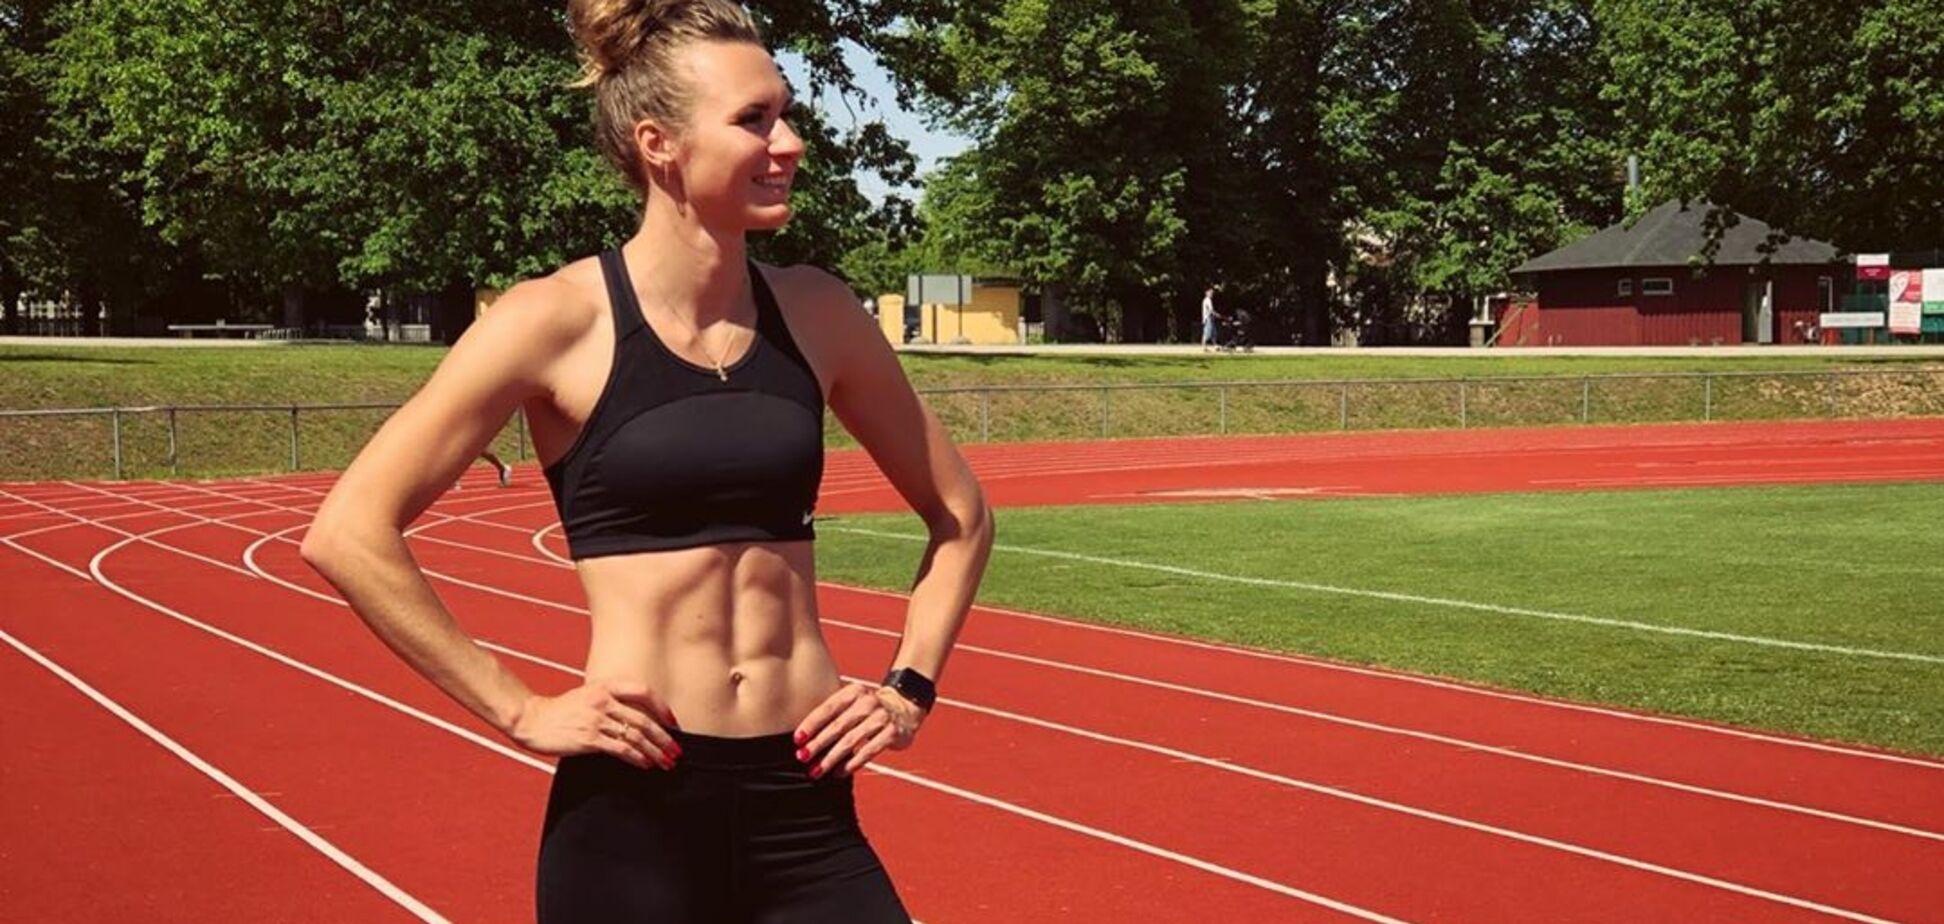 Знаменитая украинская легкоатлетка снялась в купальнике, поразив 'суперфигурой'